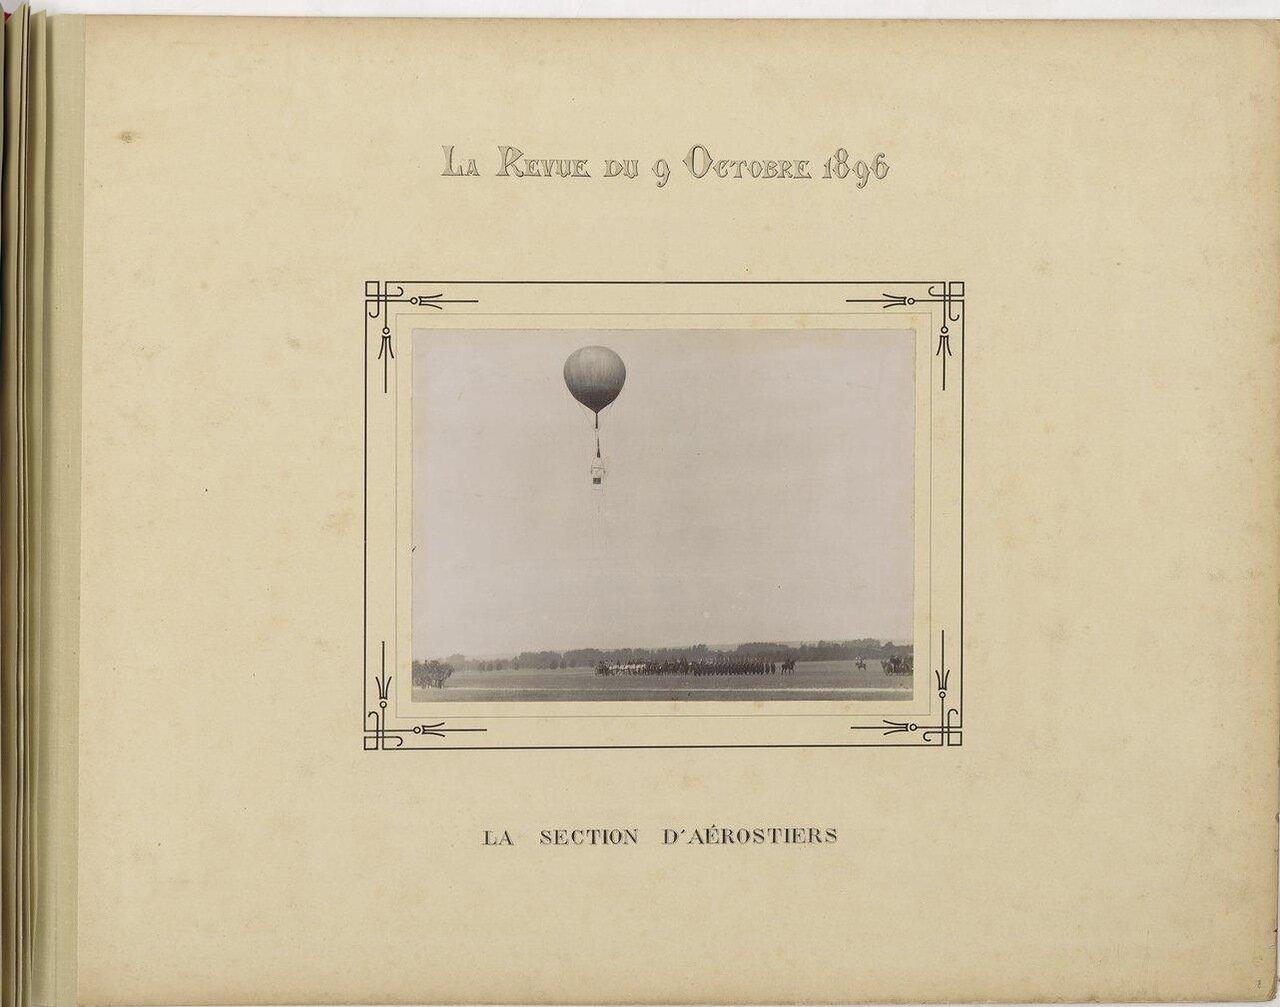 Части военной аэронавигации во время подъема воздушного шара